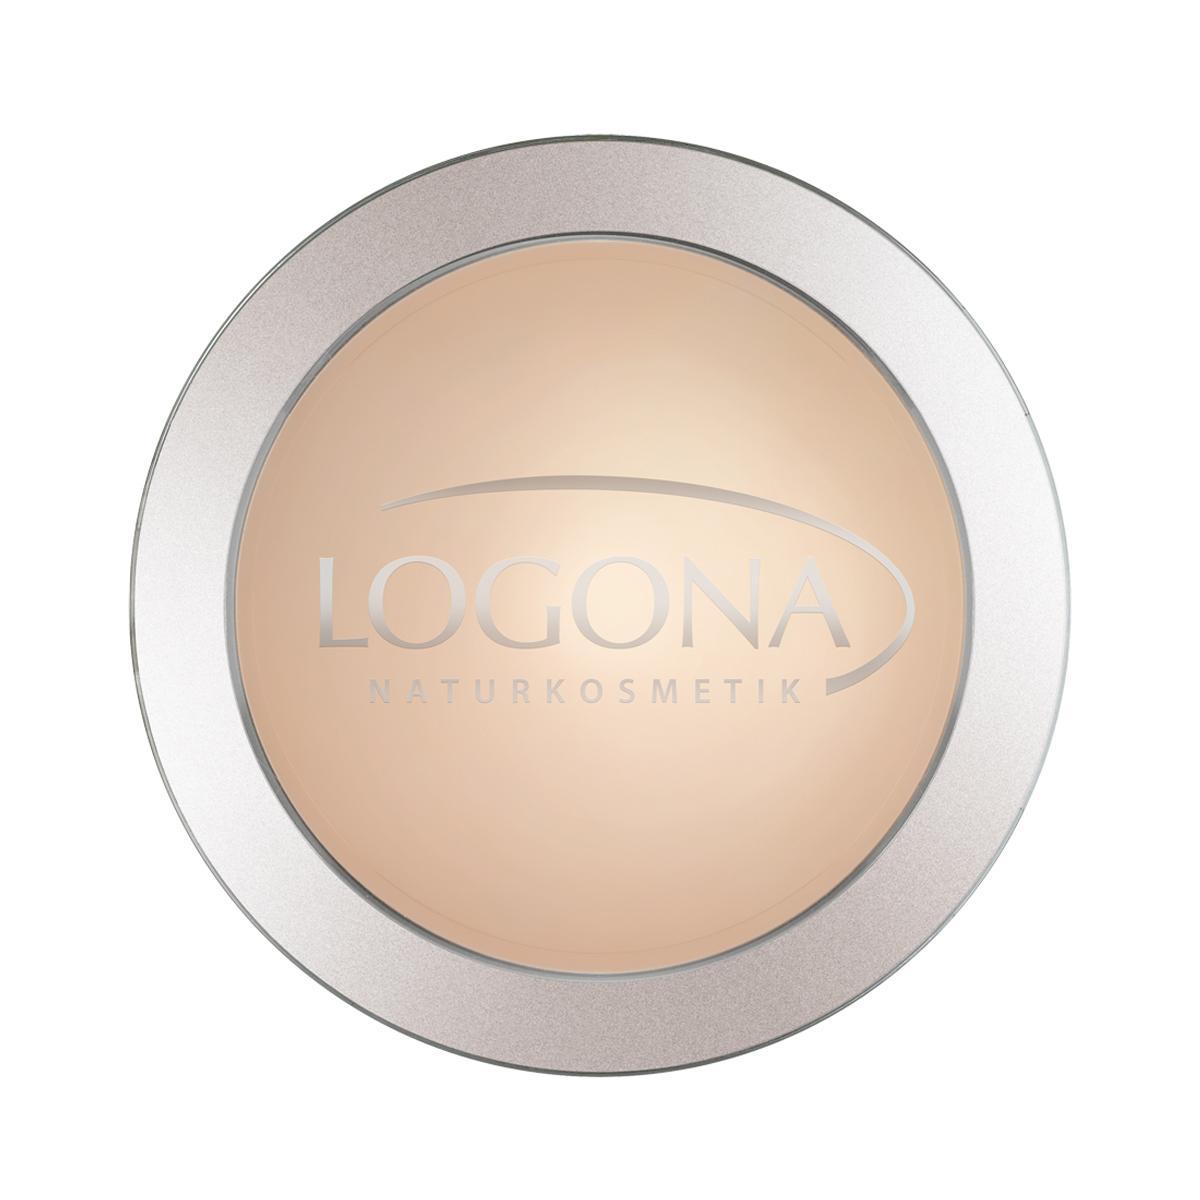 Logona Kompaktní pudr 01 světle béžový 10 g